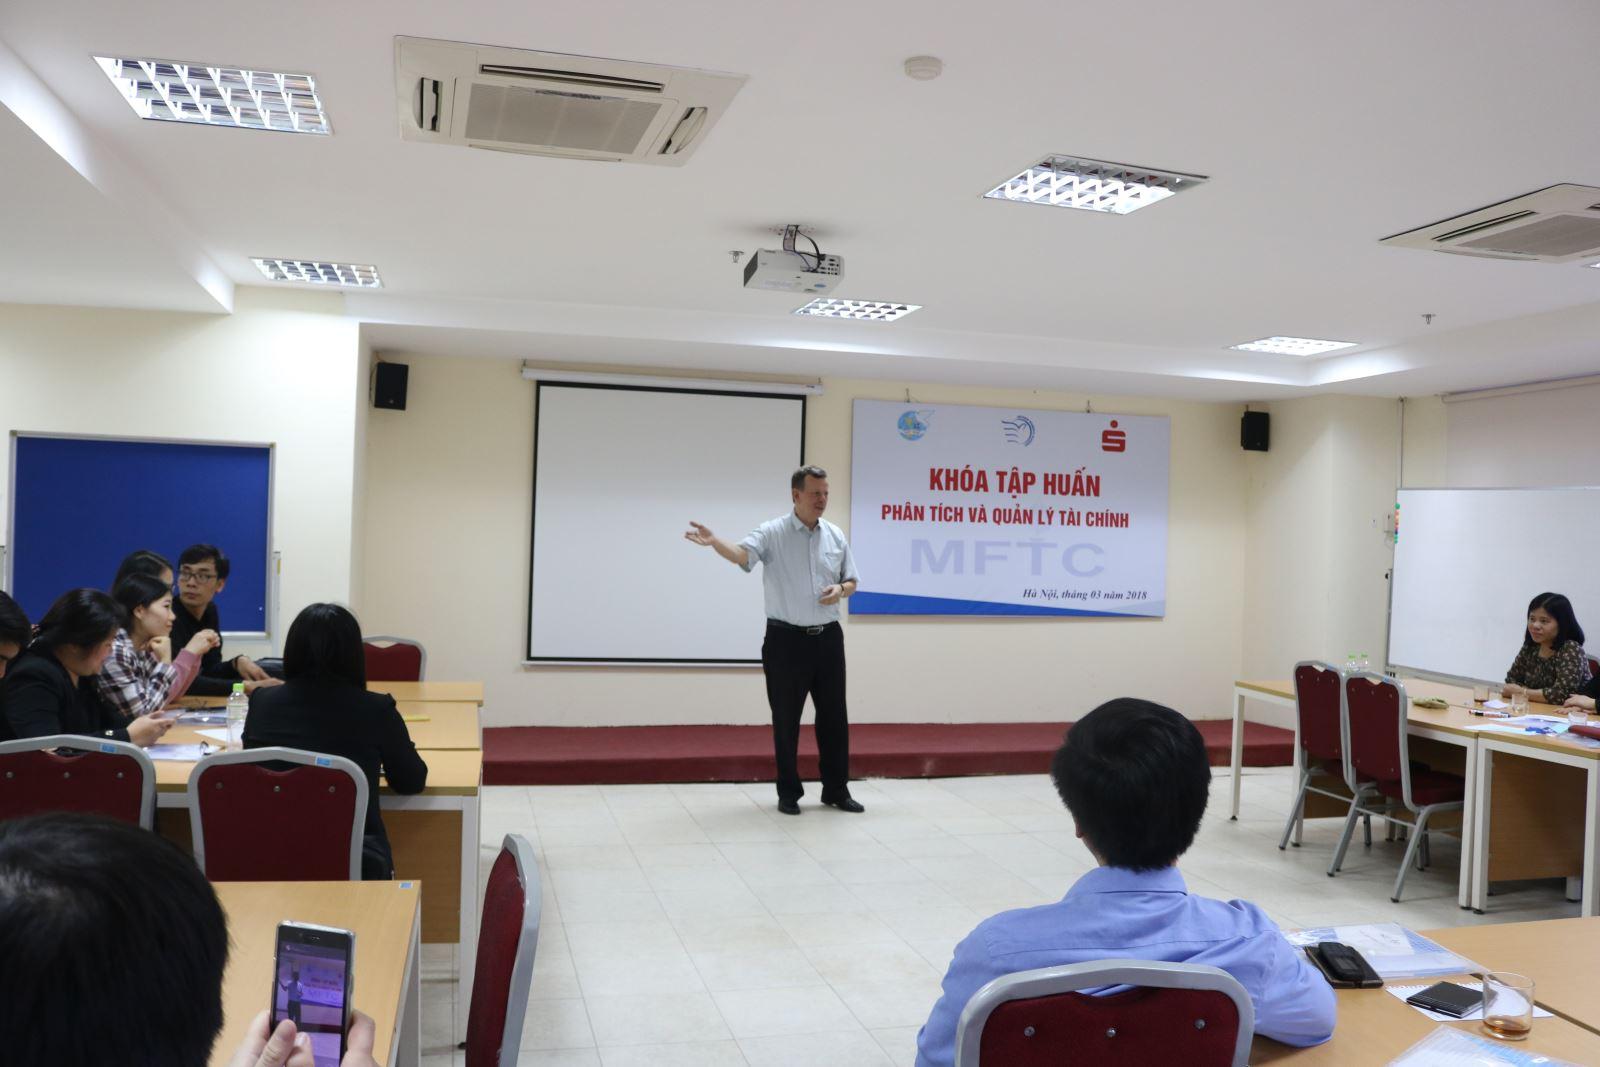 Học viện Phụ nữ Việt Nam tổ chức khóa tập huấn phân tích và quản lý tài chính